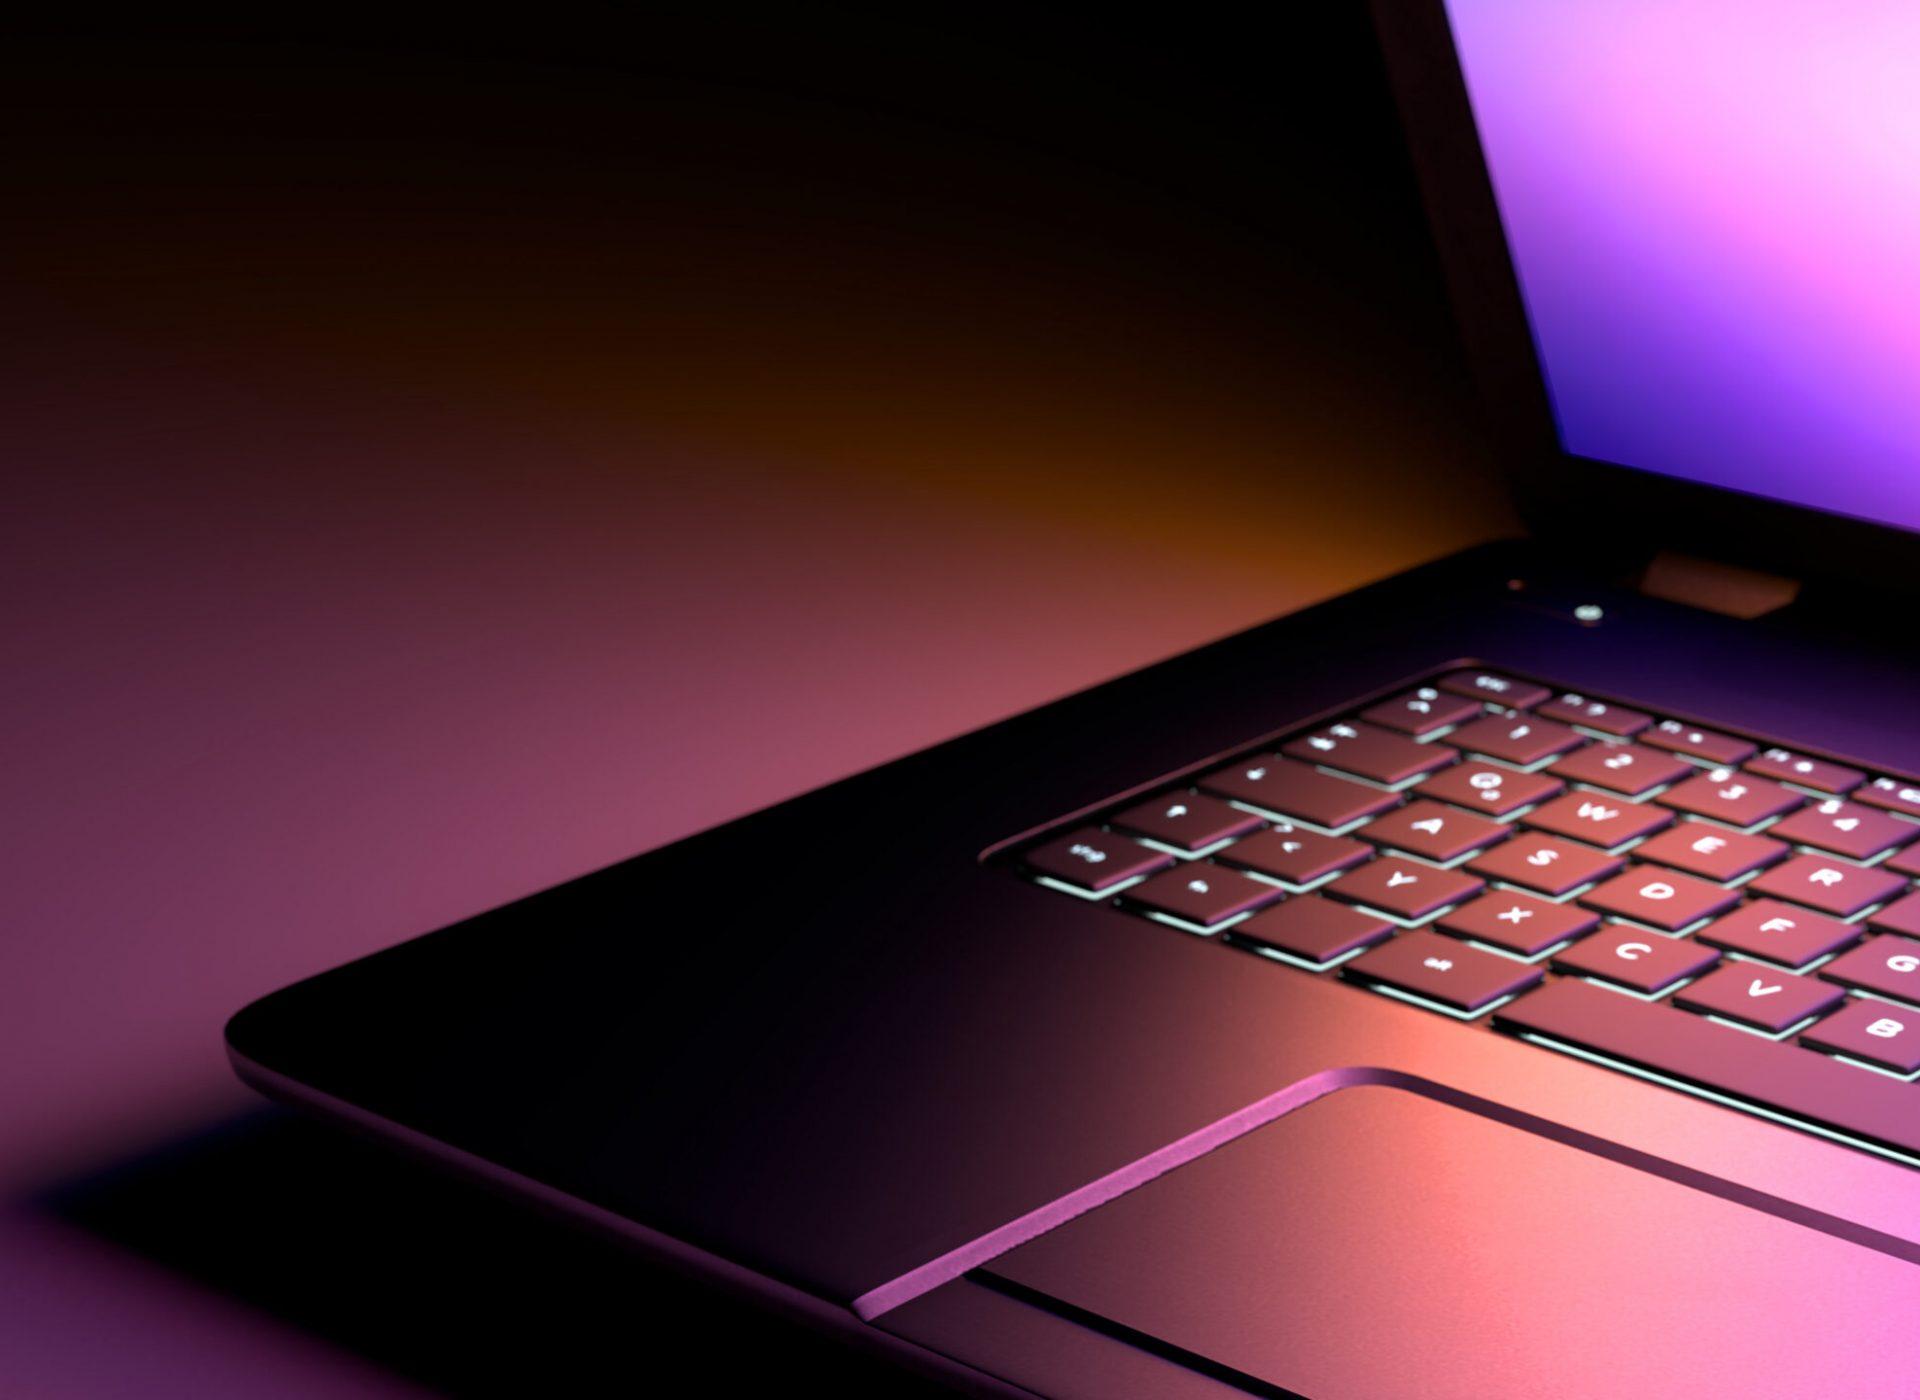 Close up Laptop 3D Illustration. Dark Background, Black Desk Laptop Computer with color pink purple Light display.